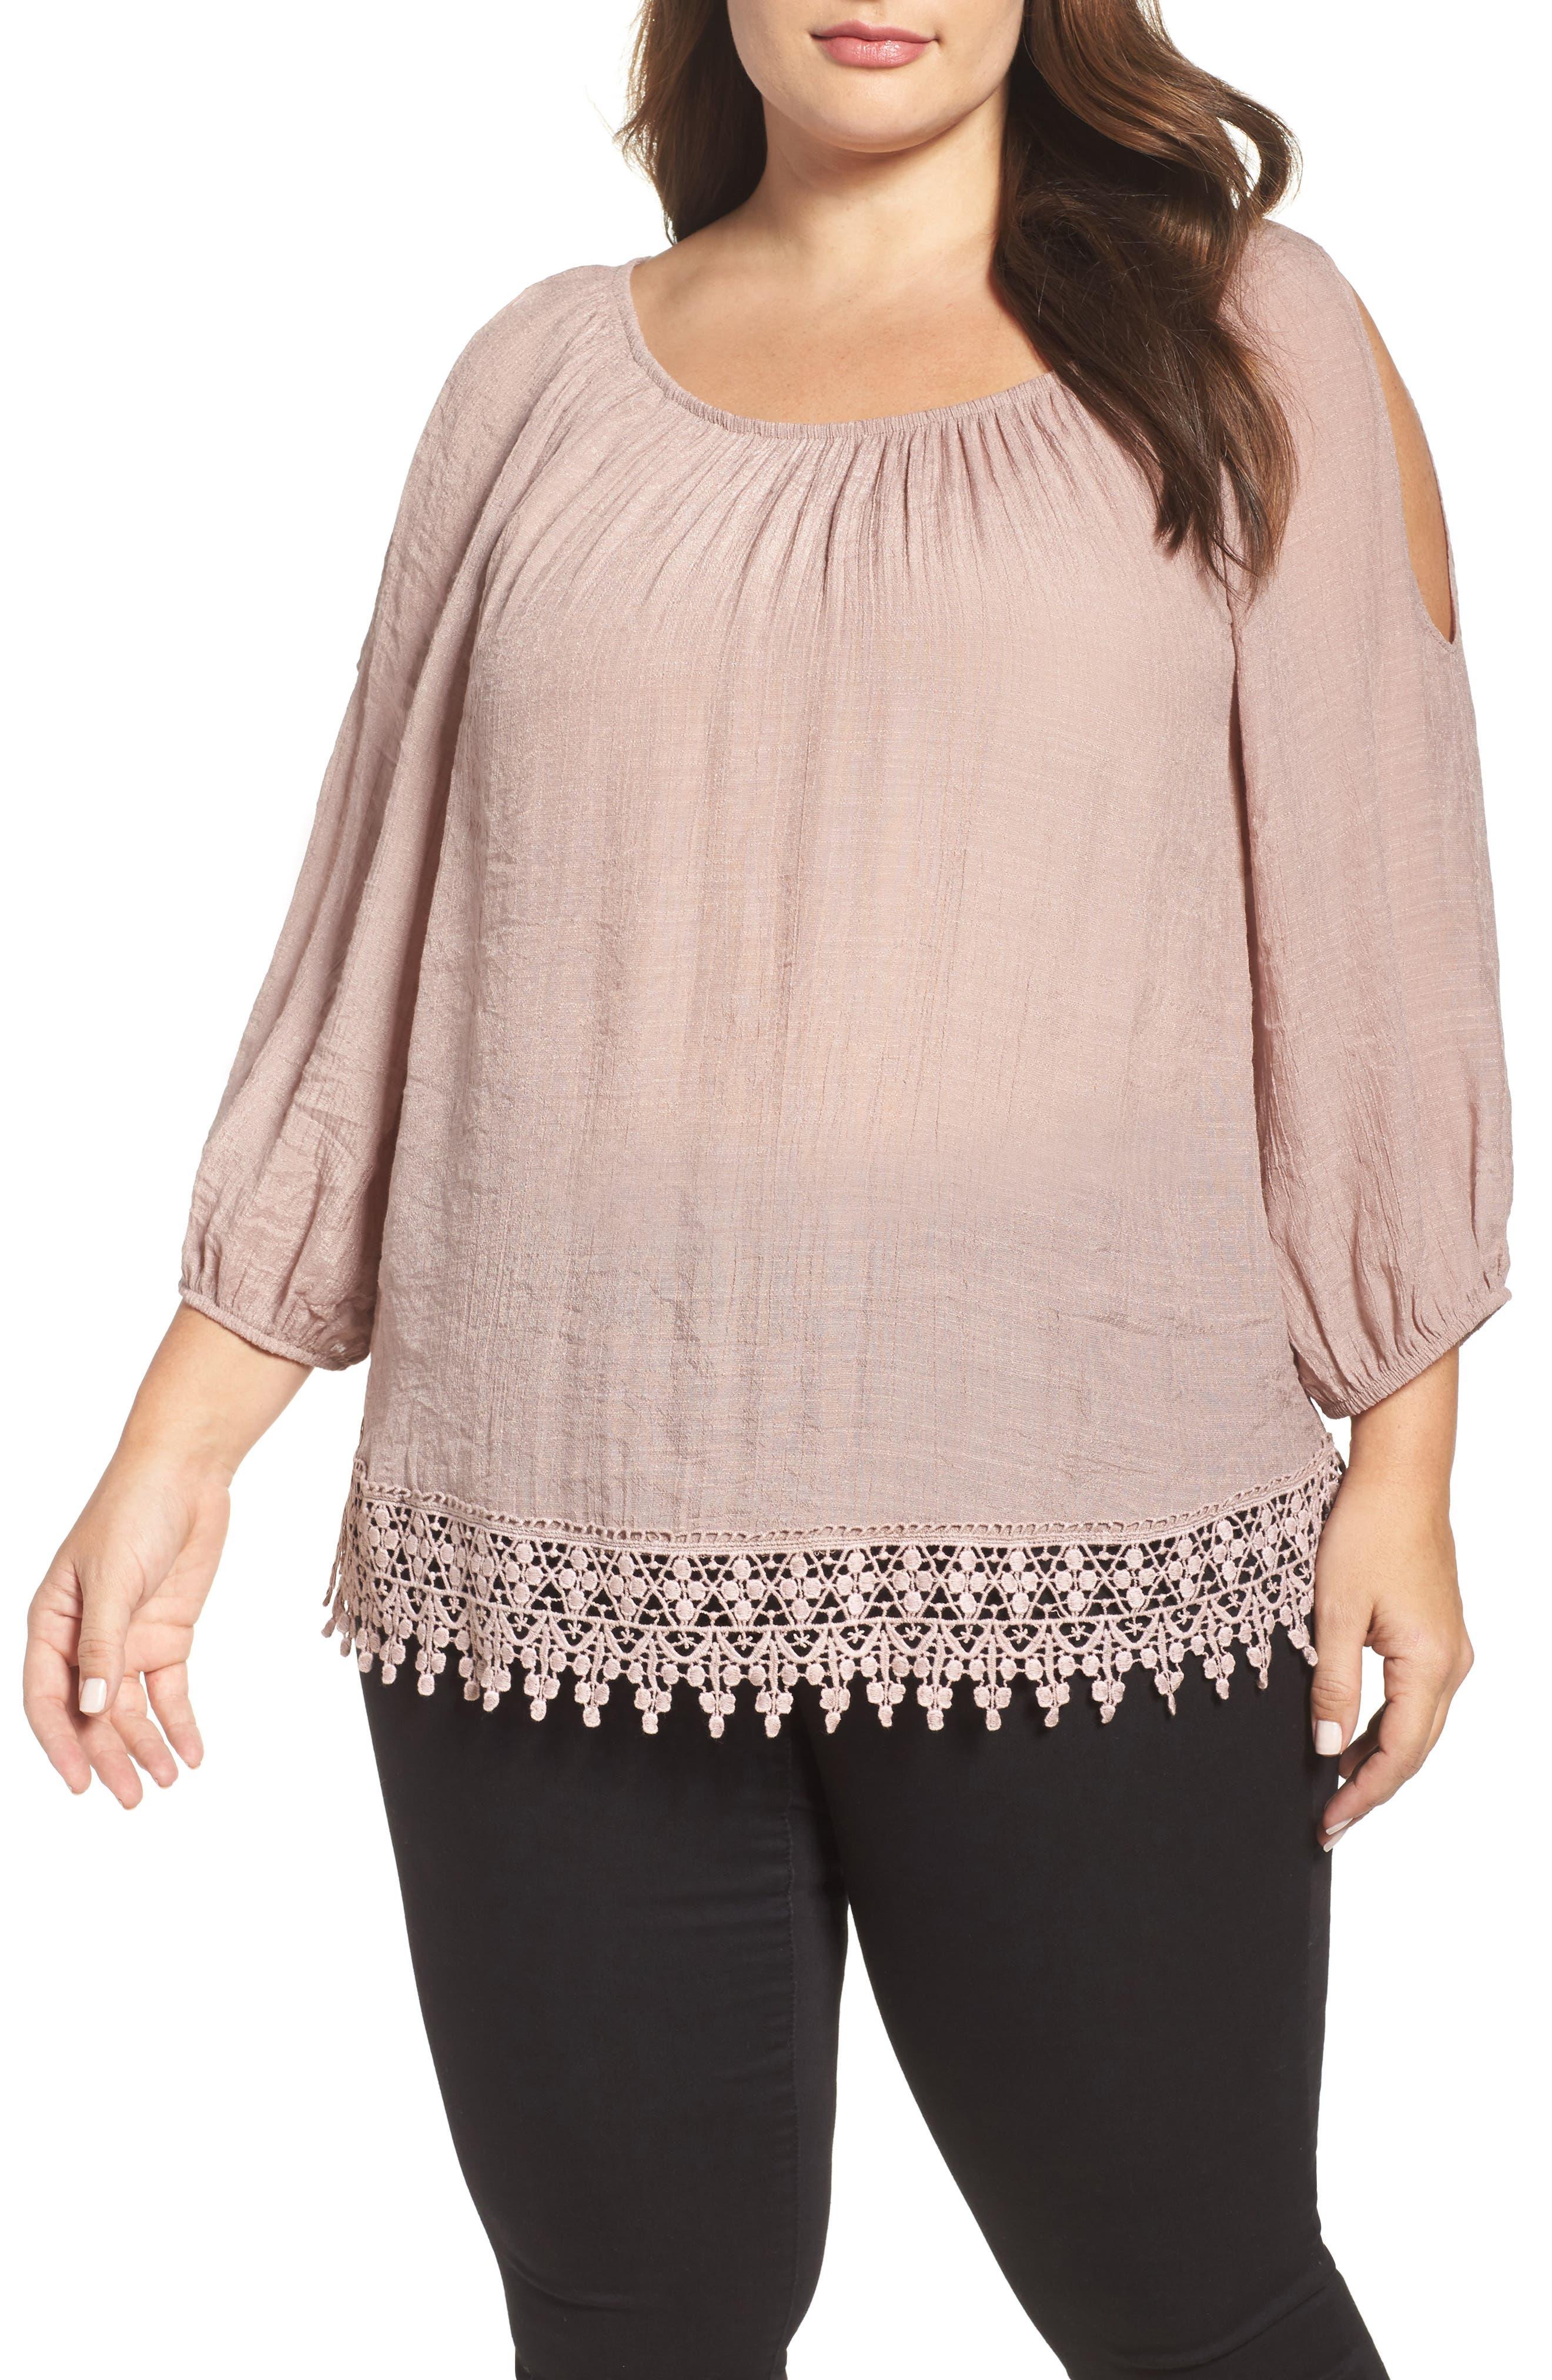 Main Image - Bobeau Cold Shoulder Lace Trim Top (Plus Size)